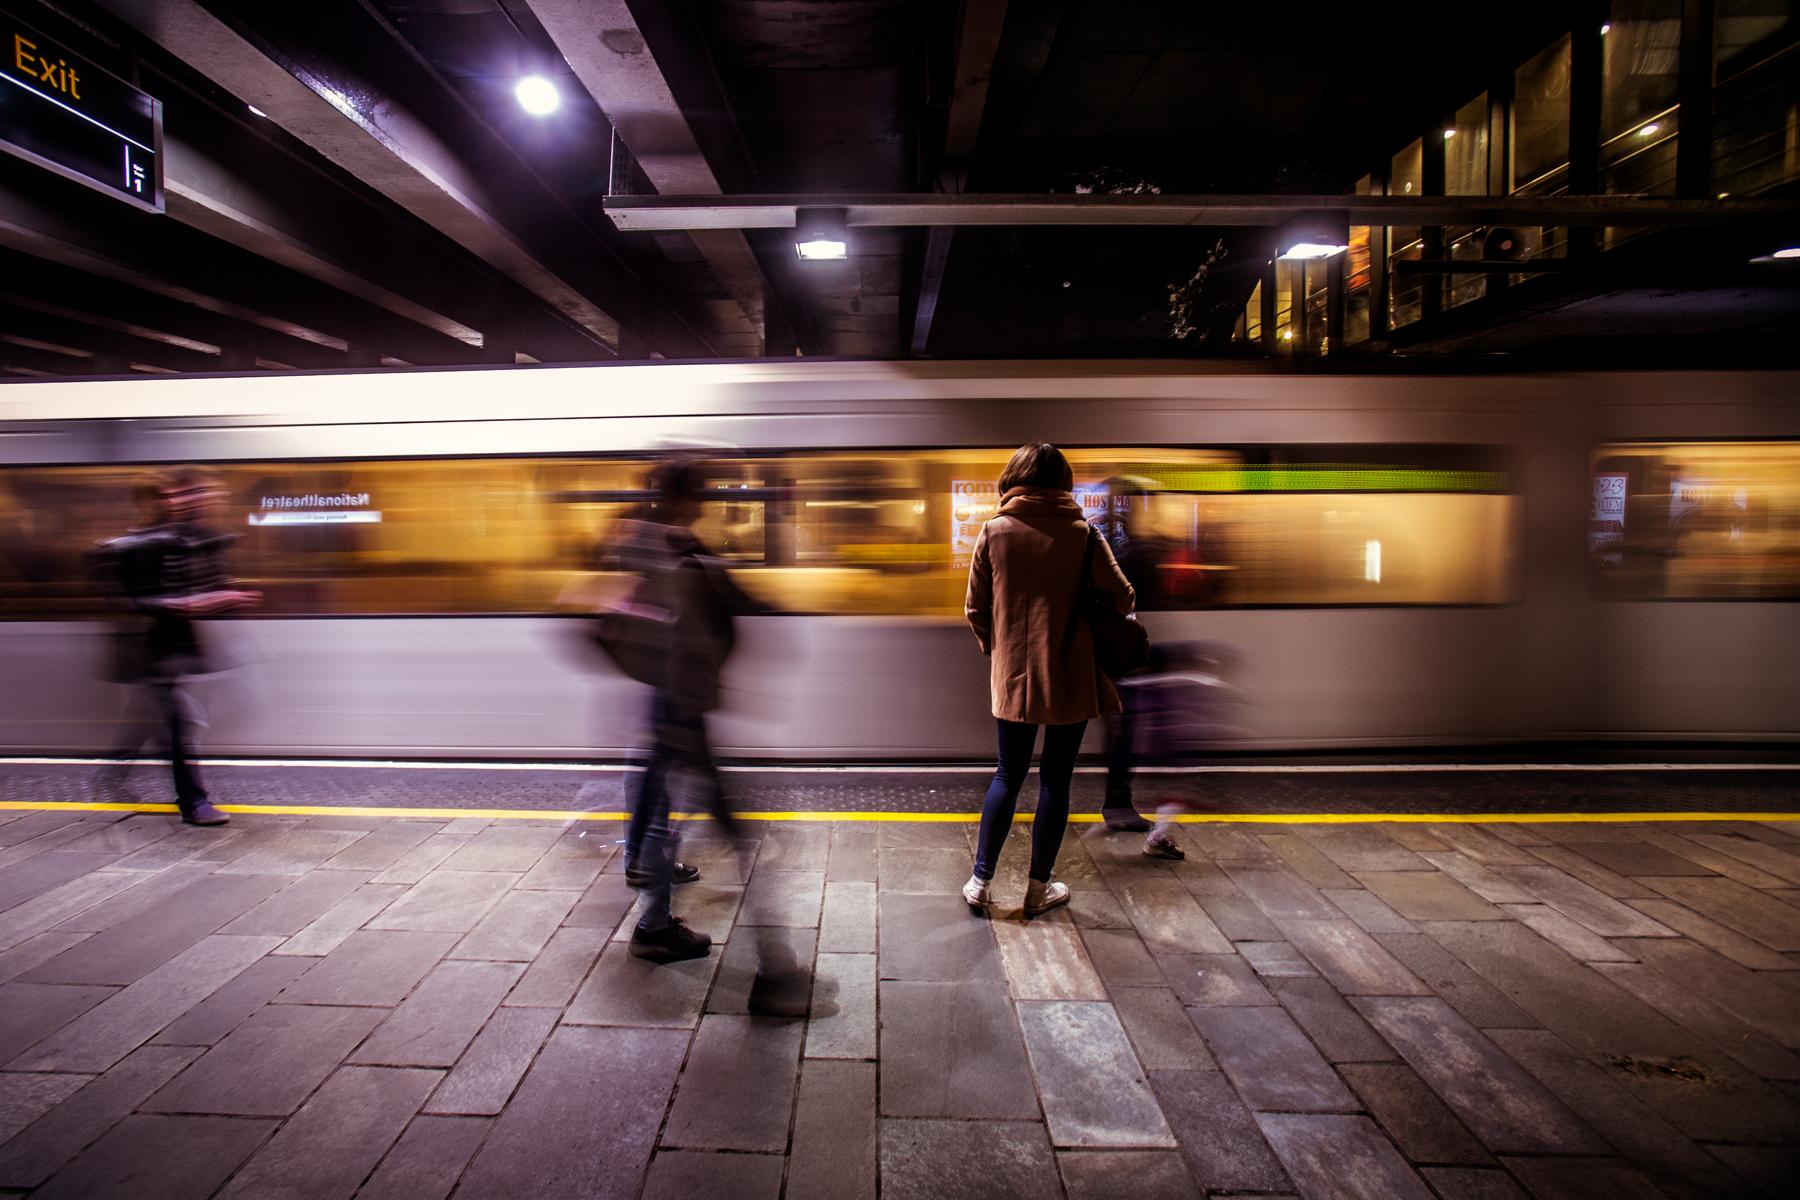 Subwaysurfer